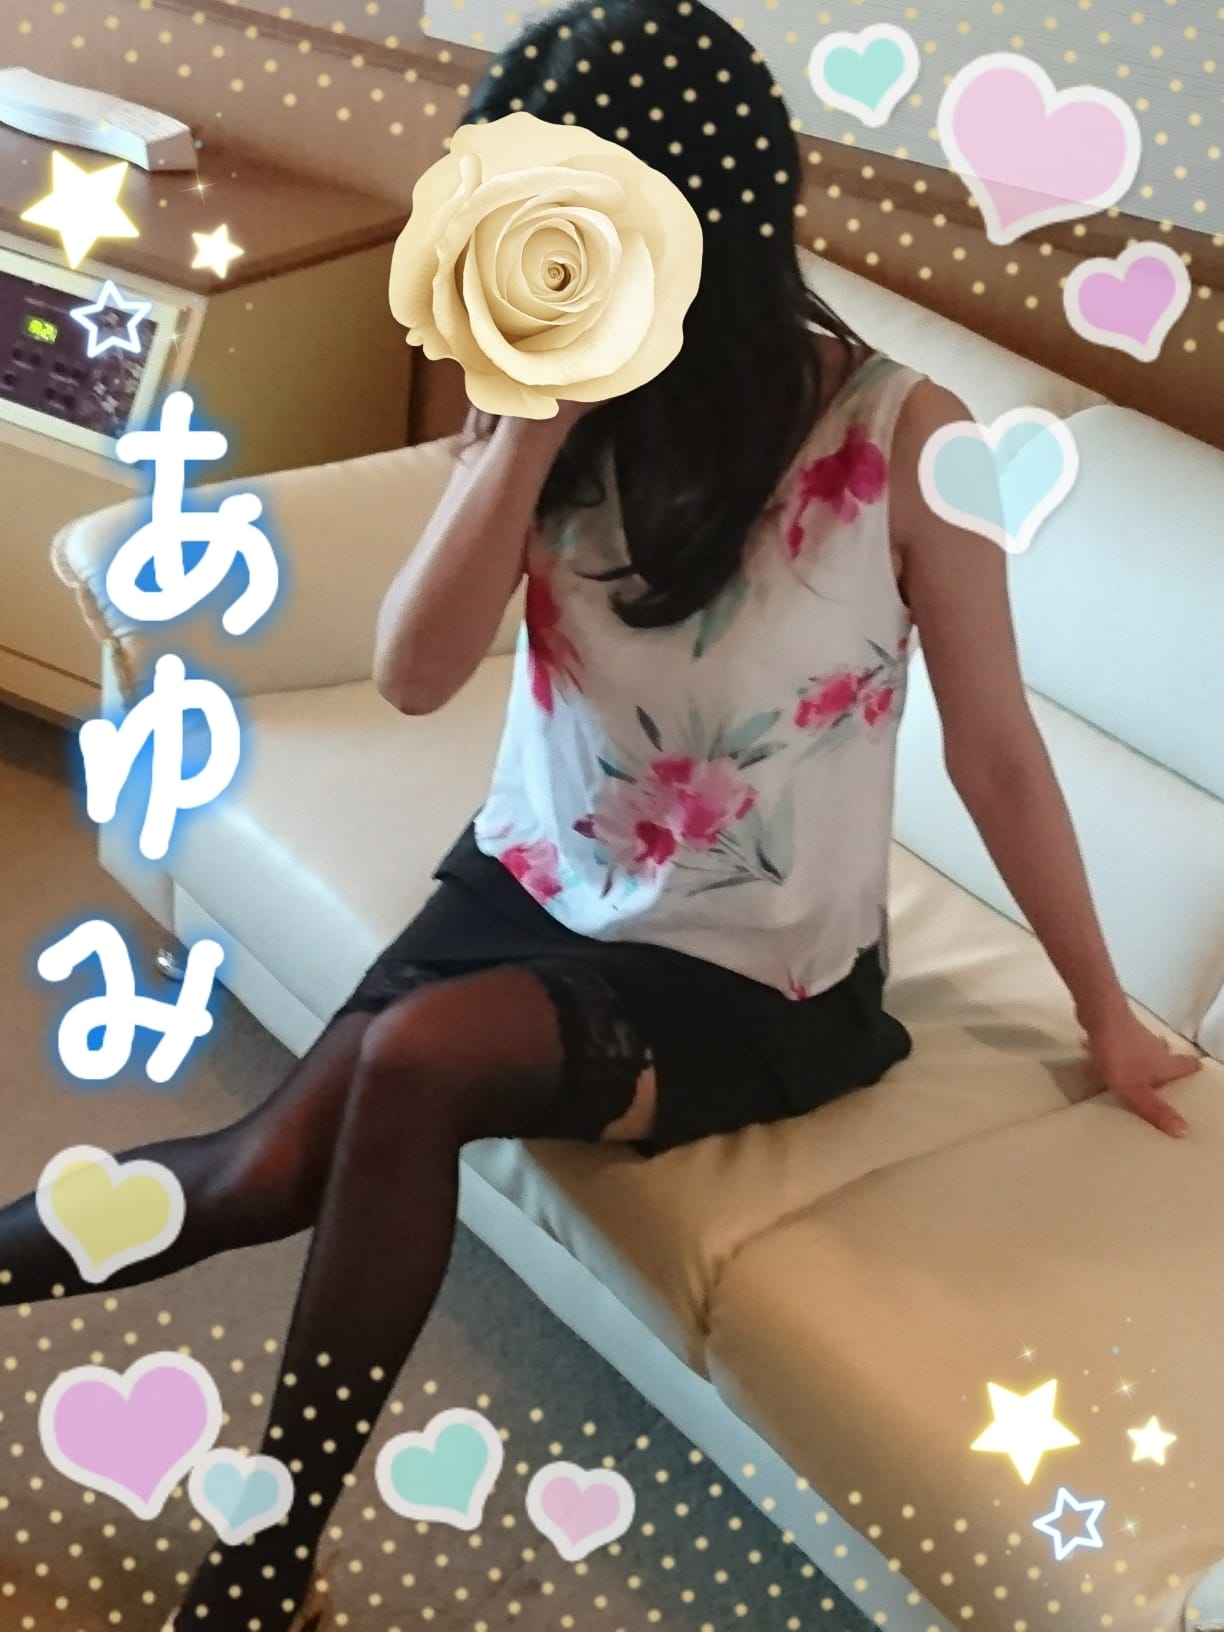 「☆今晩は〜☆」03/17(土) 19:18 | あゆみの写メ・風俗動画